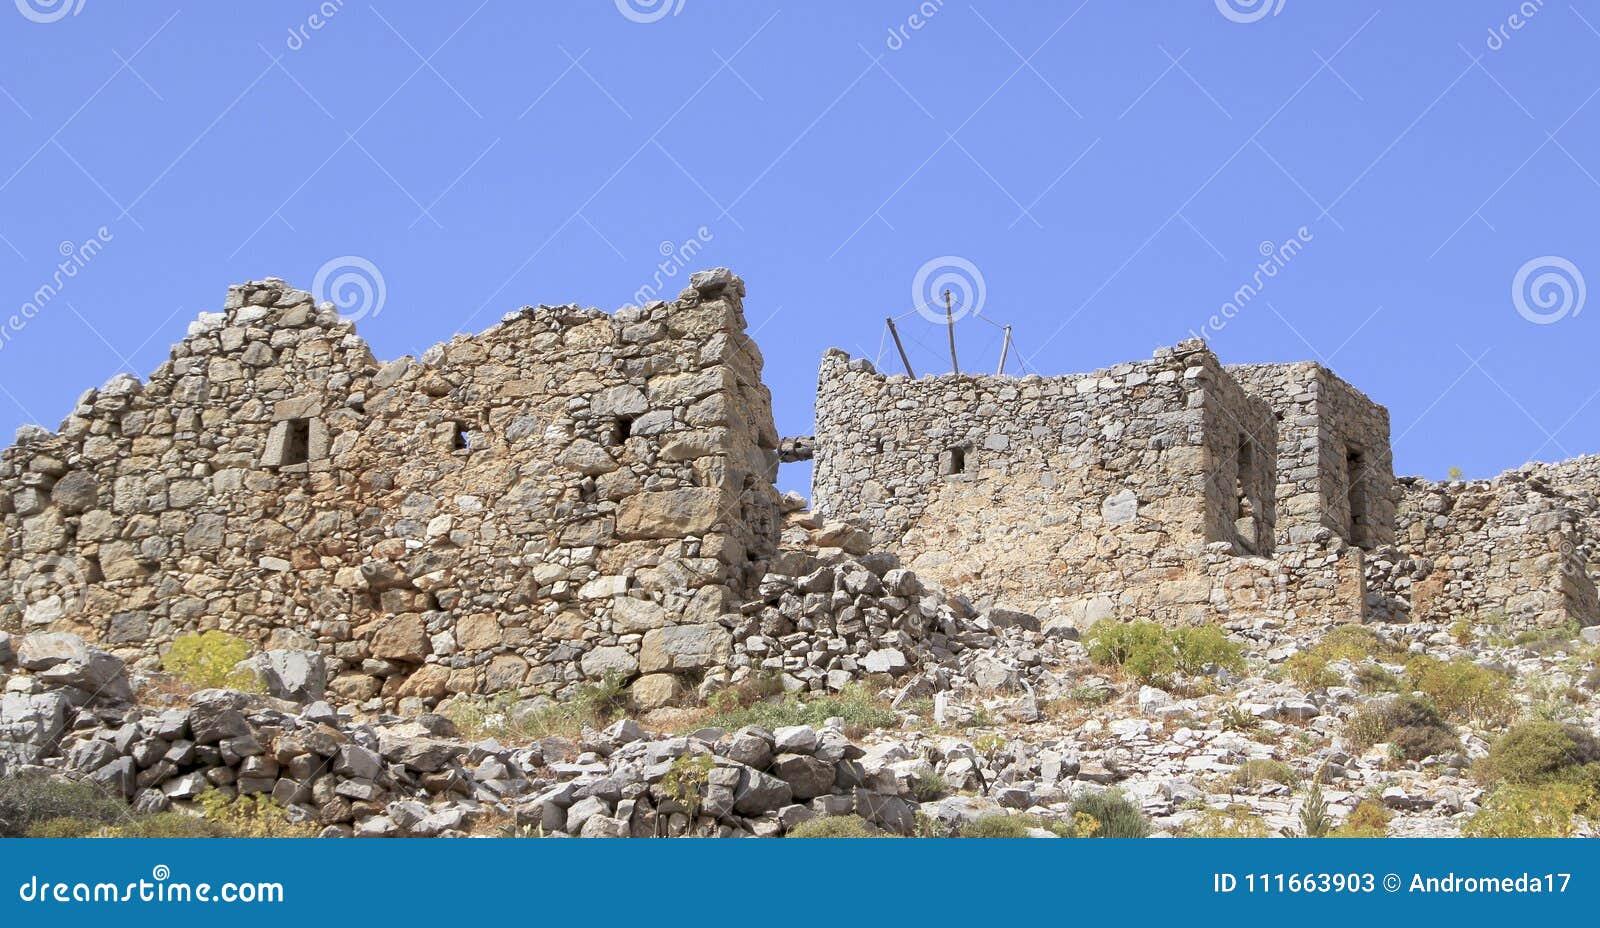 Ruiny antyczni Weneccy wiatraczki budowali w 15 wiek, Lassithi plateau, Crete, Grecja